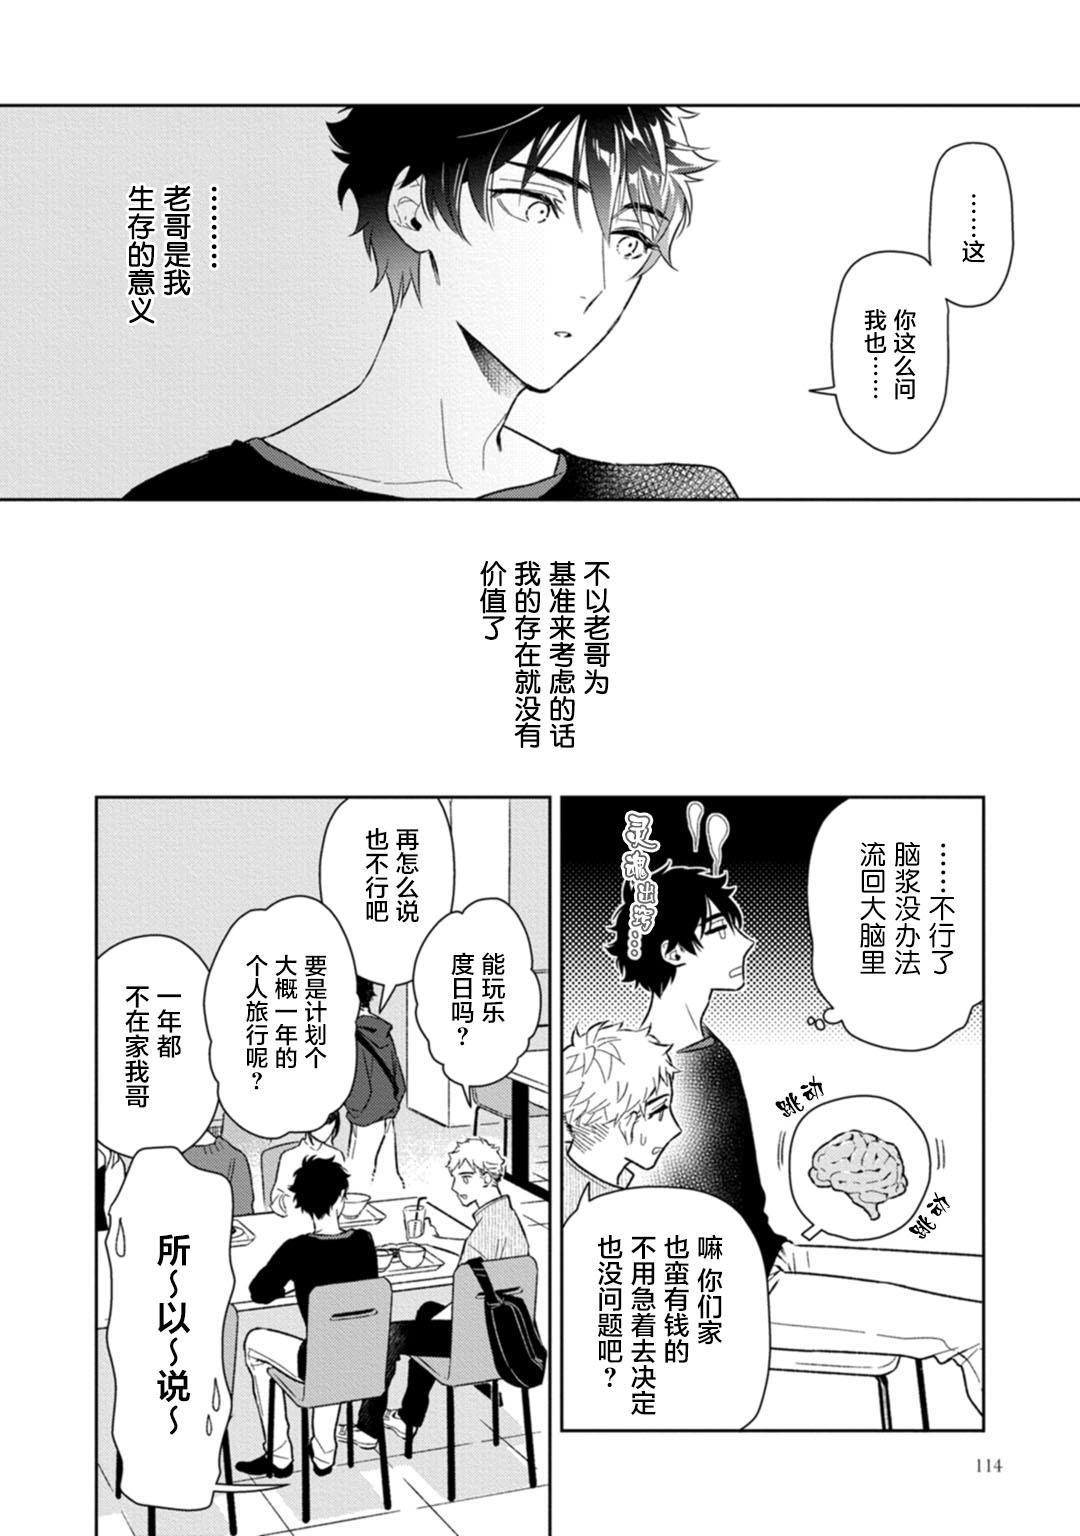 Aniki no ichiban Oishii Tokoro | 老哥最可口的部位 act.1—4 118